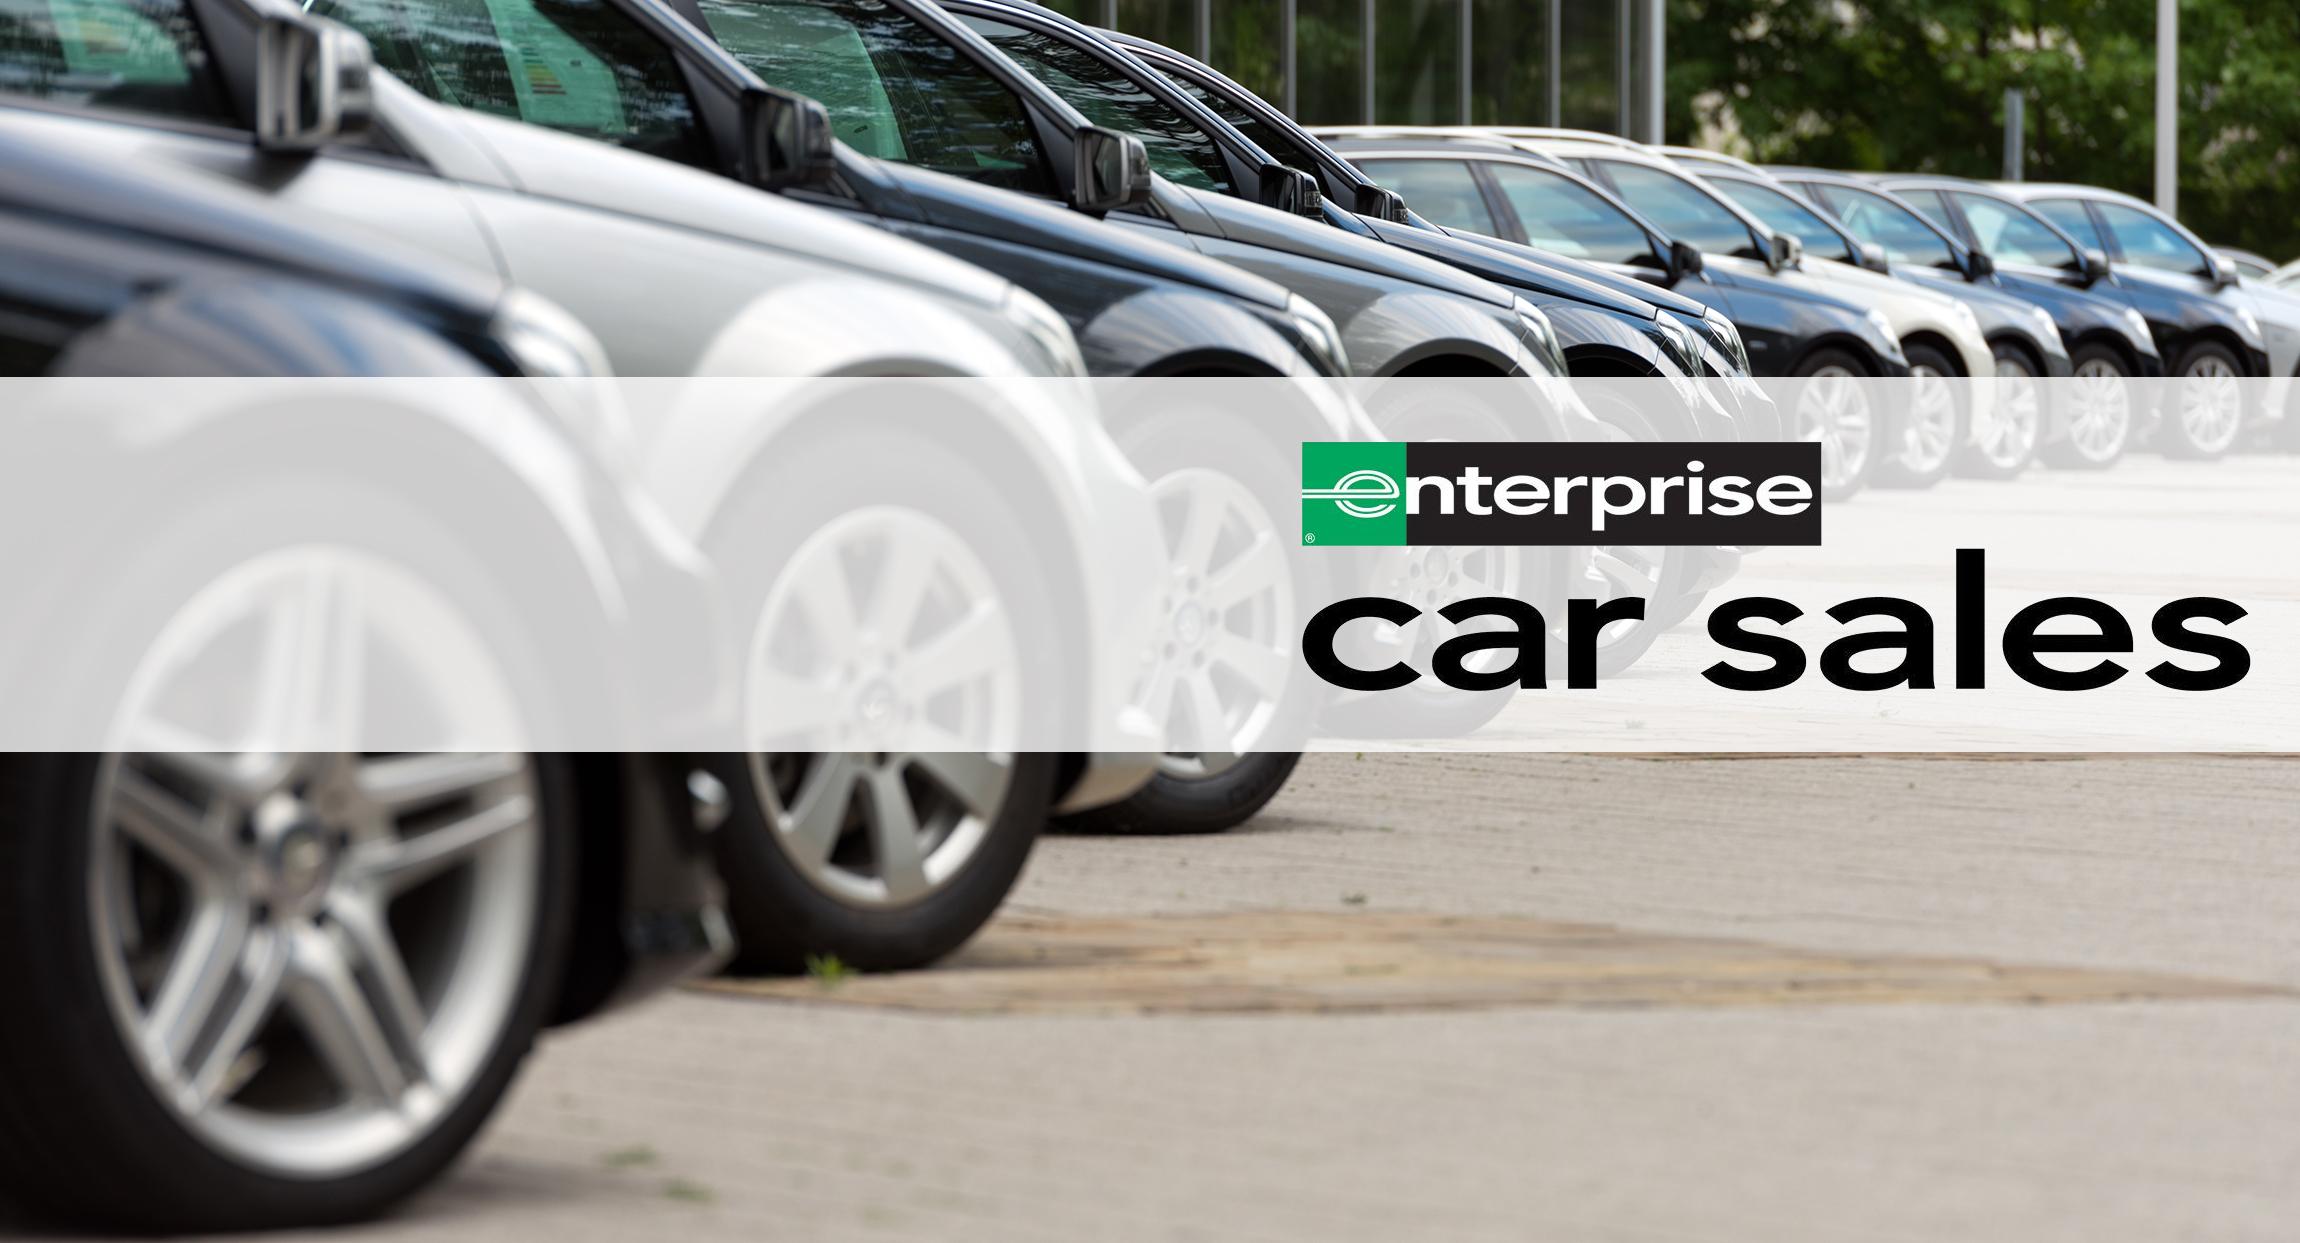 Enterprise Car Sales Eagle One